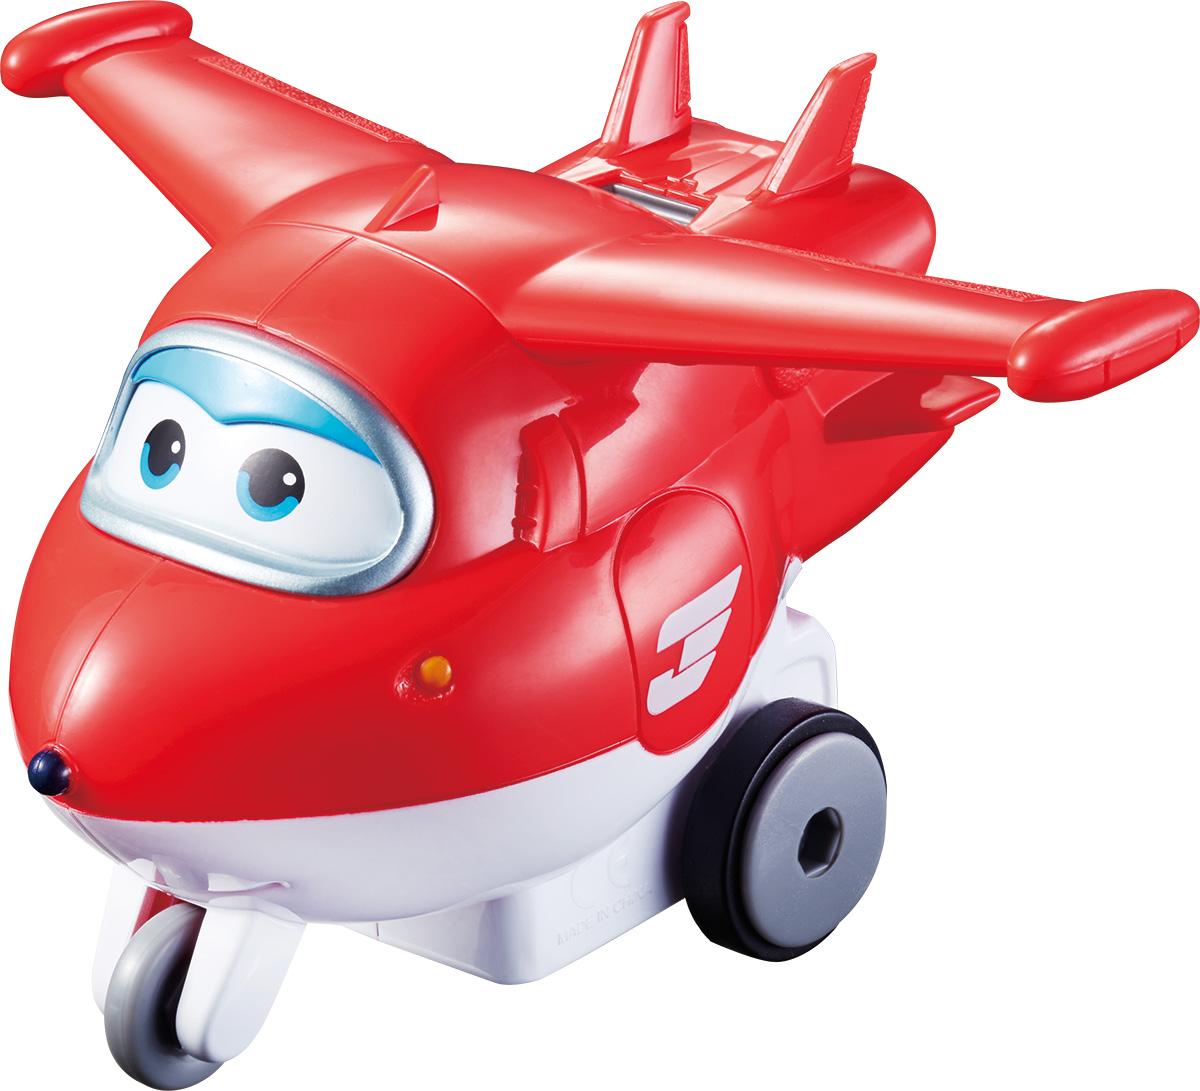 Super Wings Инерционный самолет ДжеттYW710110Инерционный самолет Super Wings Джетт потрясающий подарок для маленьких любителей команды трансформеров с крыльями. Теперь вы сами выбираете, в какую страну отправится красно-белый реактивный самолет, и какие приключения ждут его вместе с друзьями Super Wings! Просто поставьте самолет на ровную поверхность, отведите назад, отпустите и забавный летающий курьер понесется вперед сам. Совершенно точно, Джетт готов доставить посылку вовремя всегда!